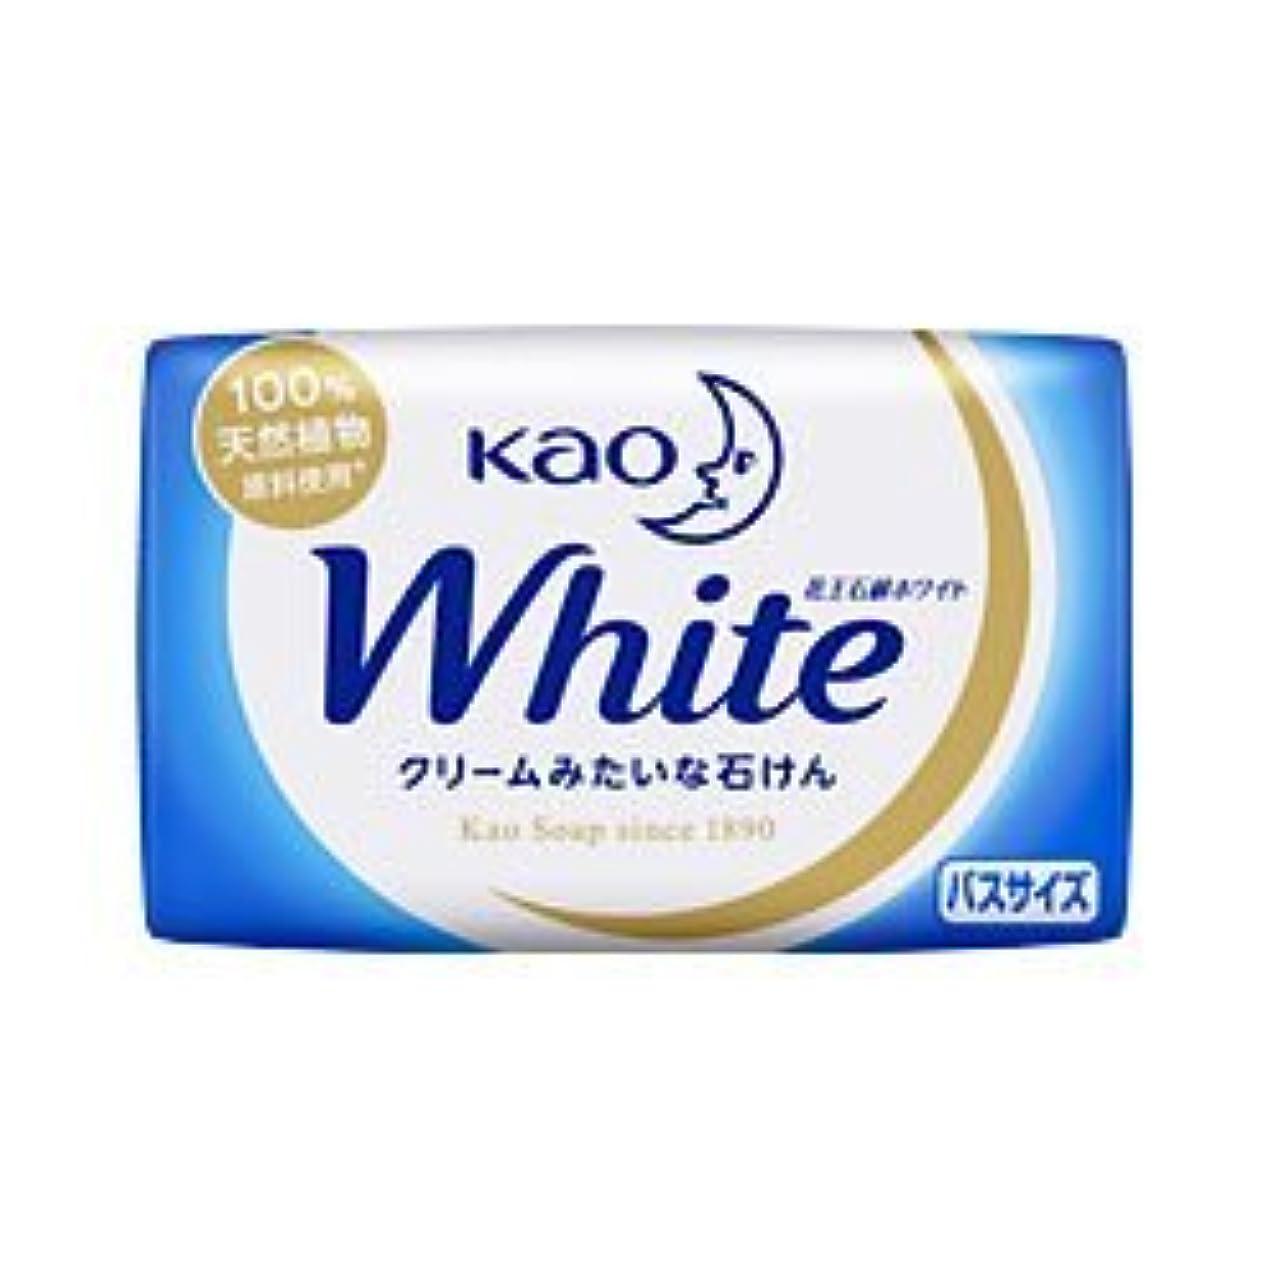 猛烈な土吐く【花王】花王ホワイト バスサイズ 1個 130g ×10個セット